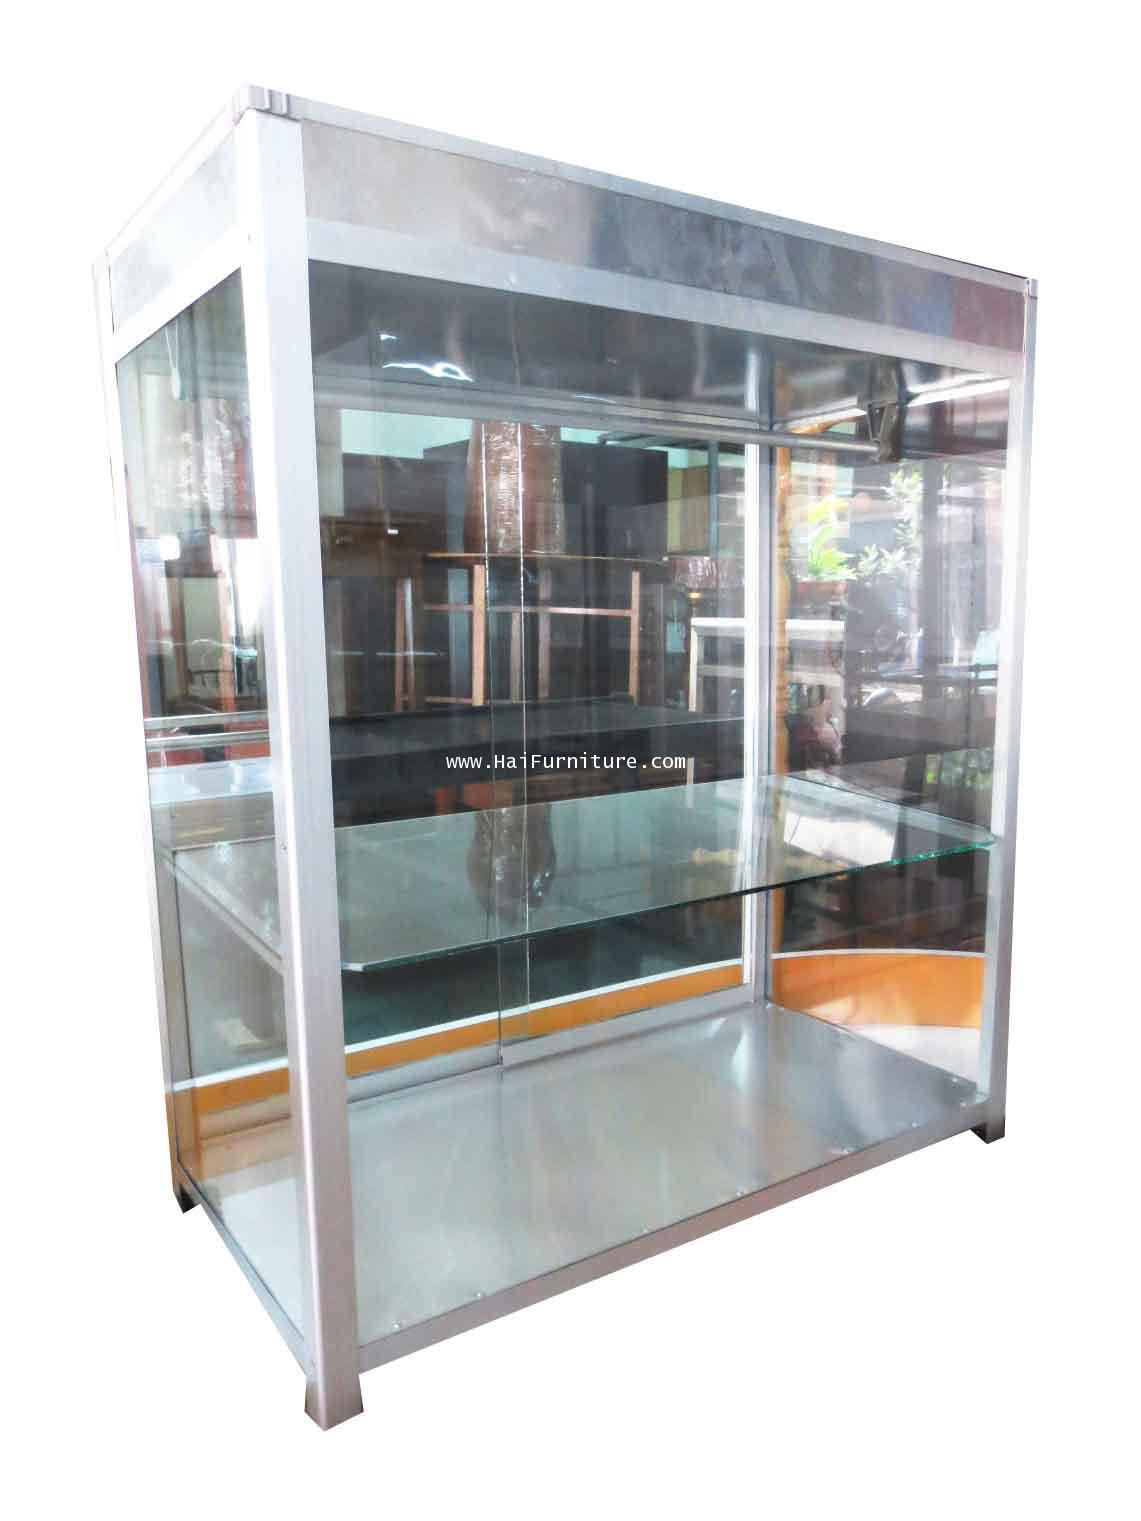 ตู้โชว์ขายอาหาร ตู้ขายก๋วยเตี๋ยว 30 นิ้ว ก77*ล40*ส87.5 ซม.